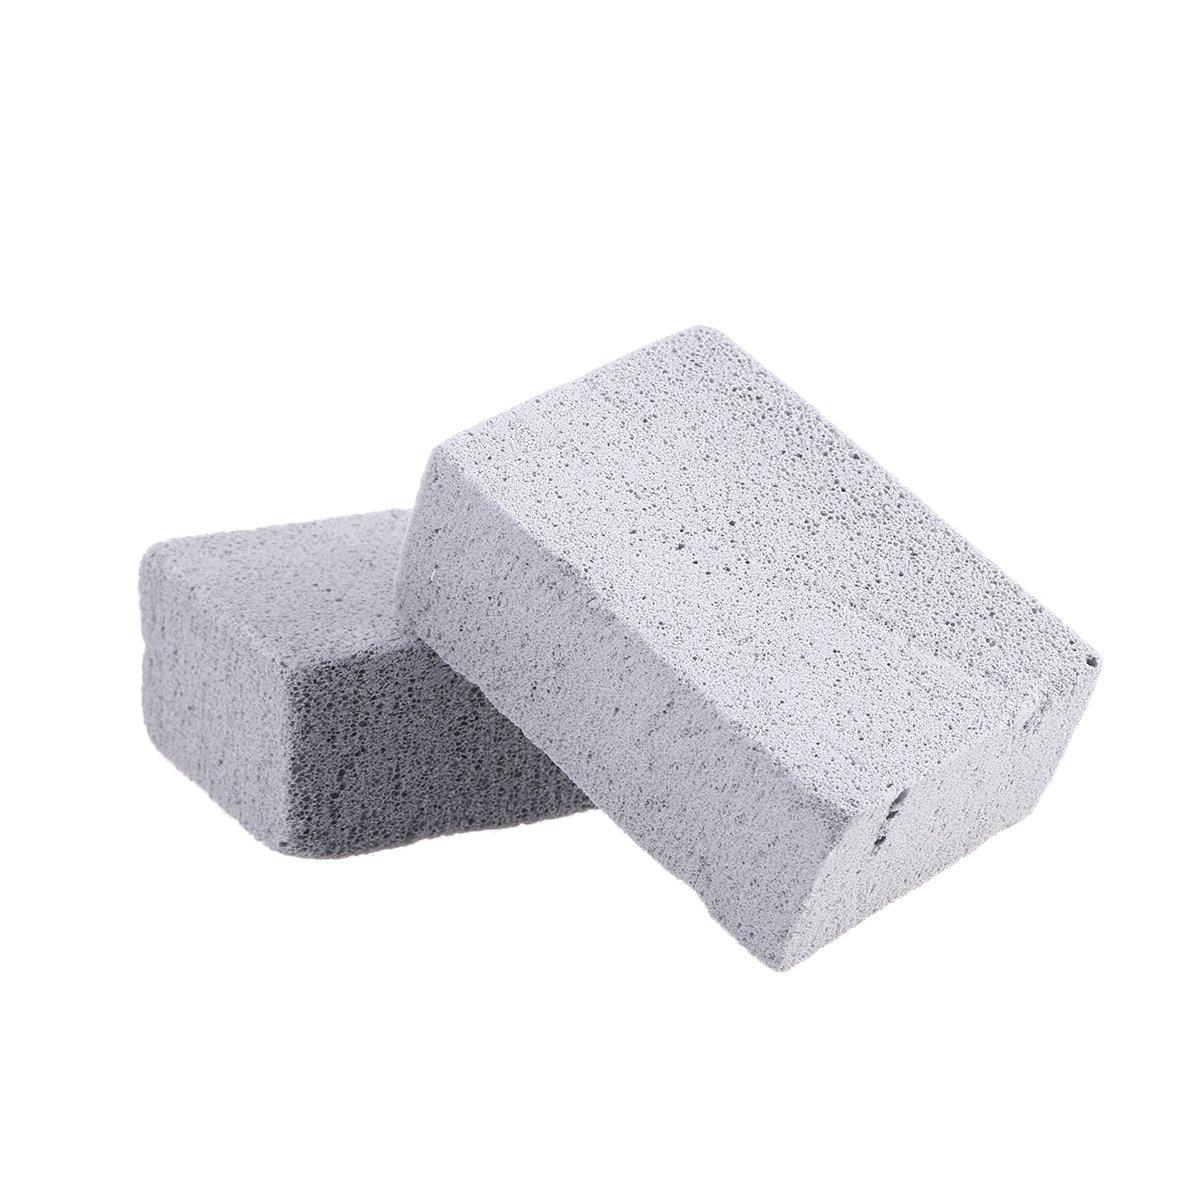 pierre ponce /écologique r/éutilisable et sans odeur BESTONZON Lot de 2/pierres de nettoyage de grill pour le nettoyage et d/étartrage de grilles et plaques